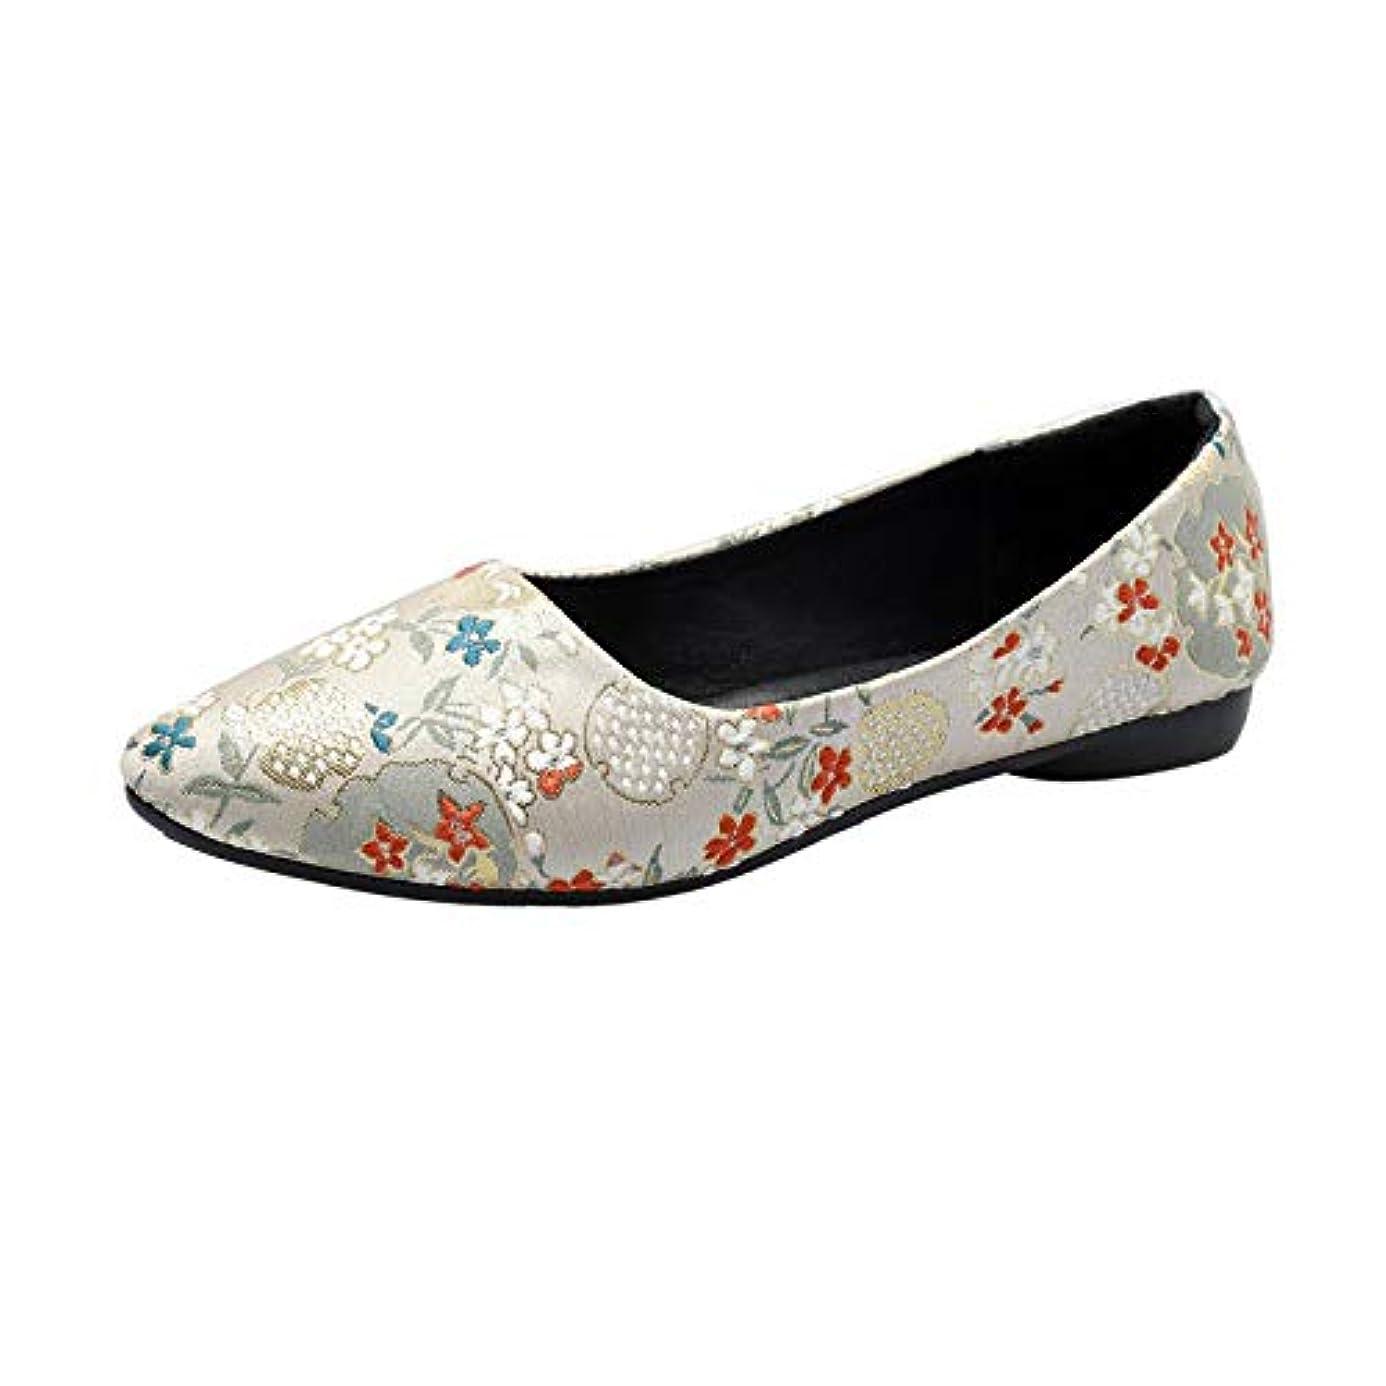 他にベリベリフラットシューズ レディース Hodarey 浅口 尖 刺繍花フラットシューズワンペダル 怠惰な靴 カジュアルシューズ シングルシューズ ファッション 女性の靴 かわいい 履きやすい 美脚 人気 安い レディースローファー カジュアル フラットシューズ